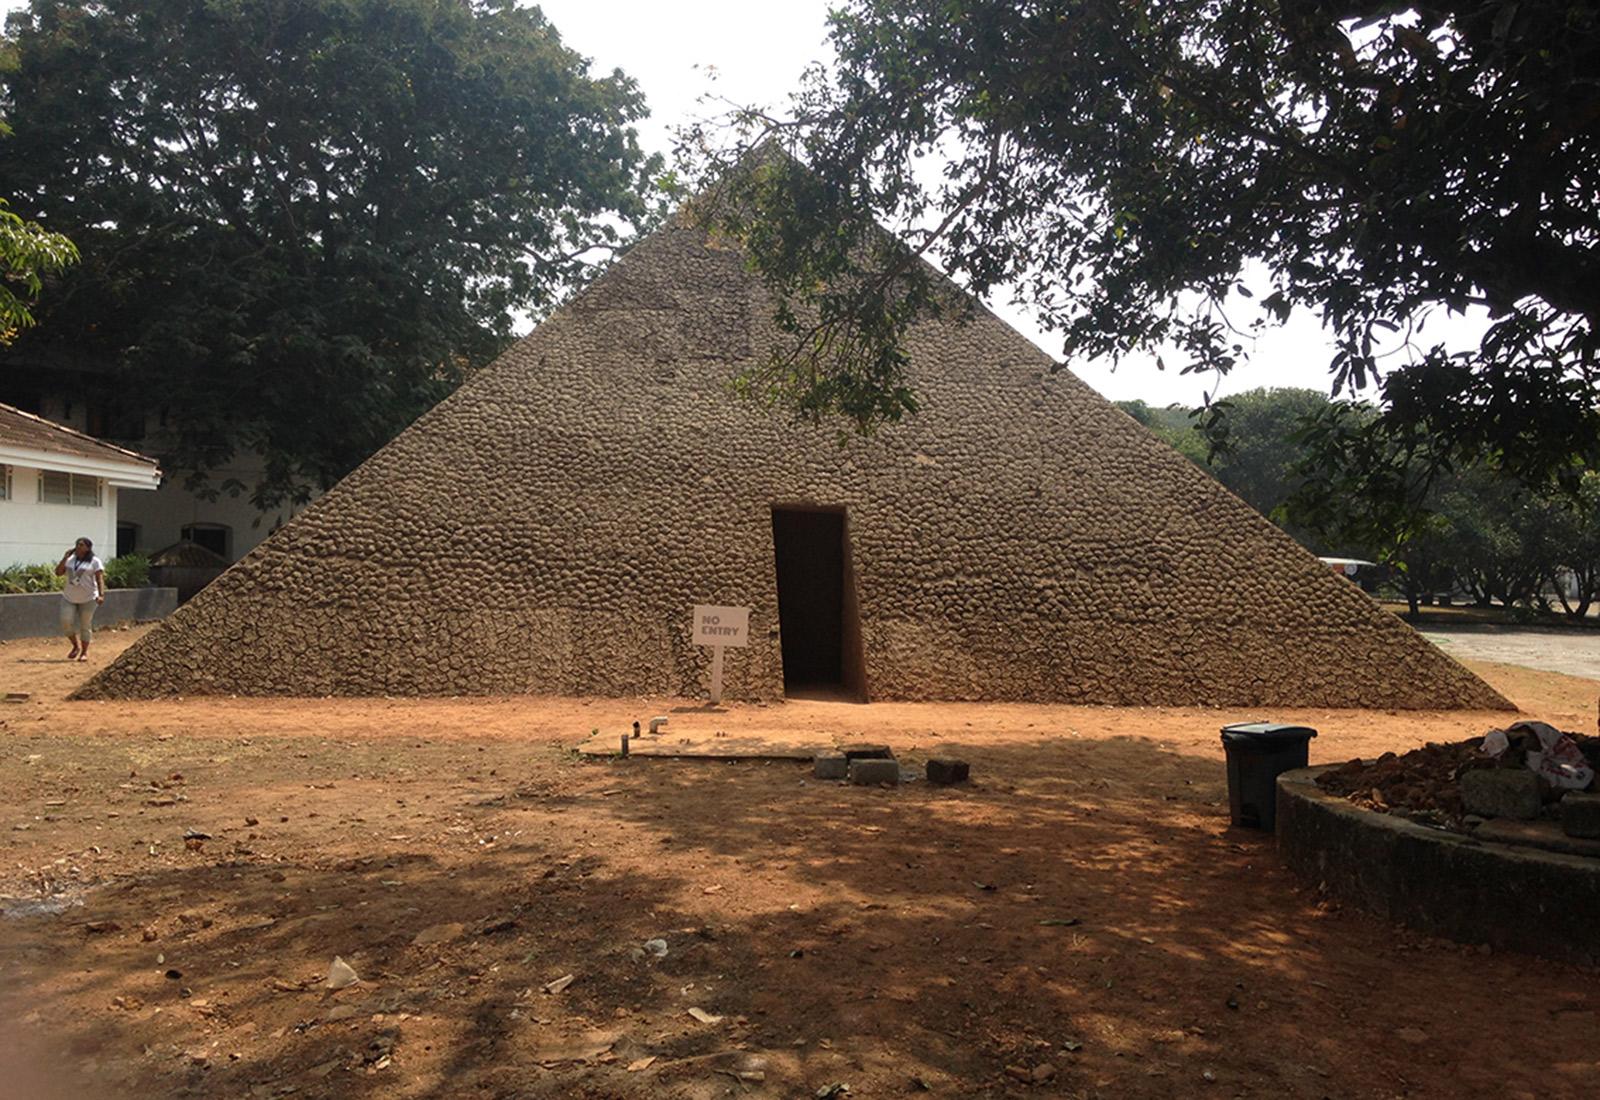 Biennale-pyramid